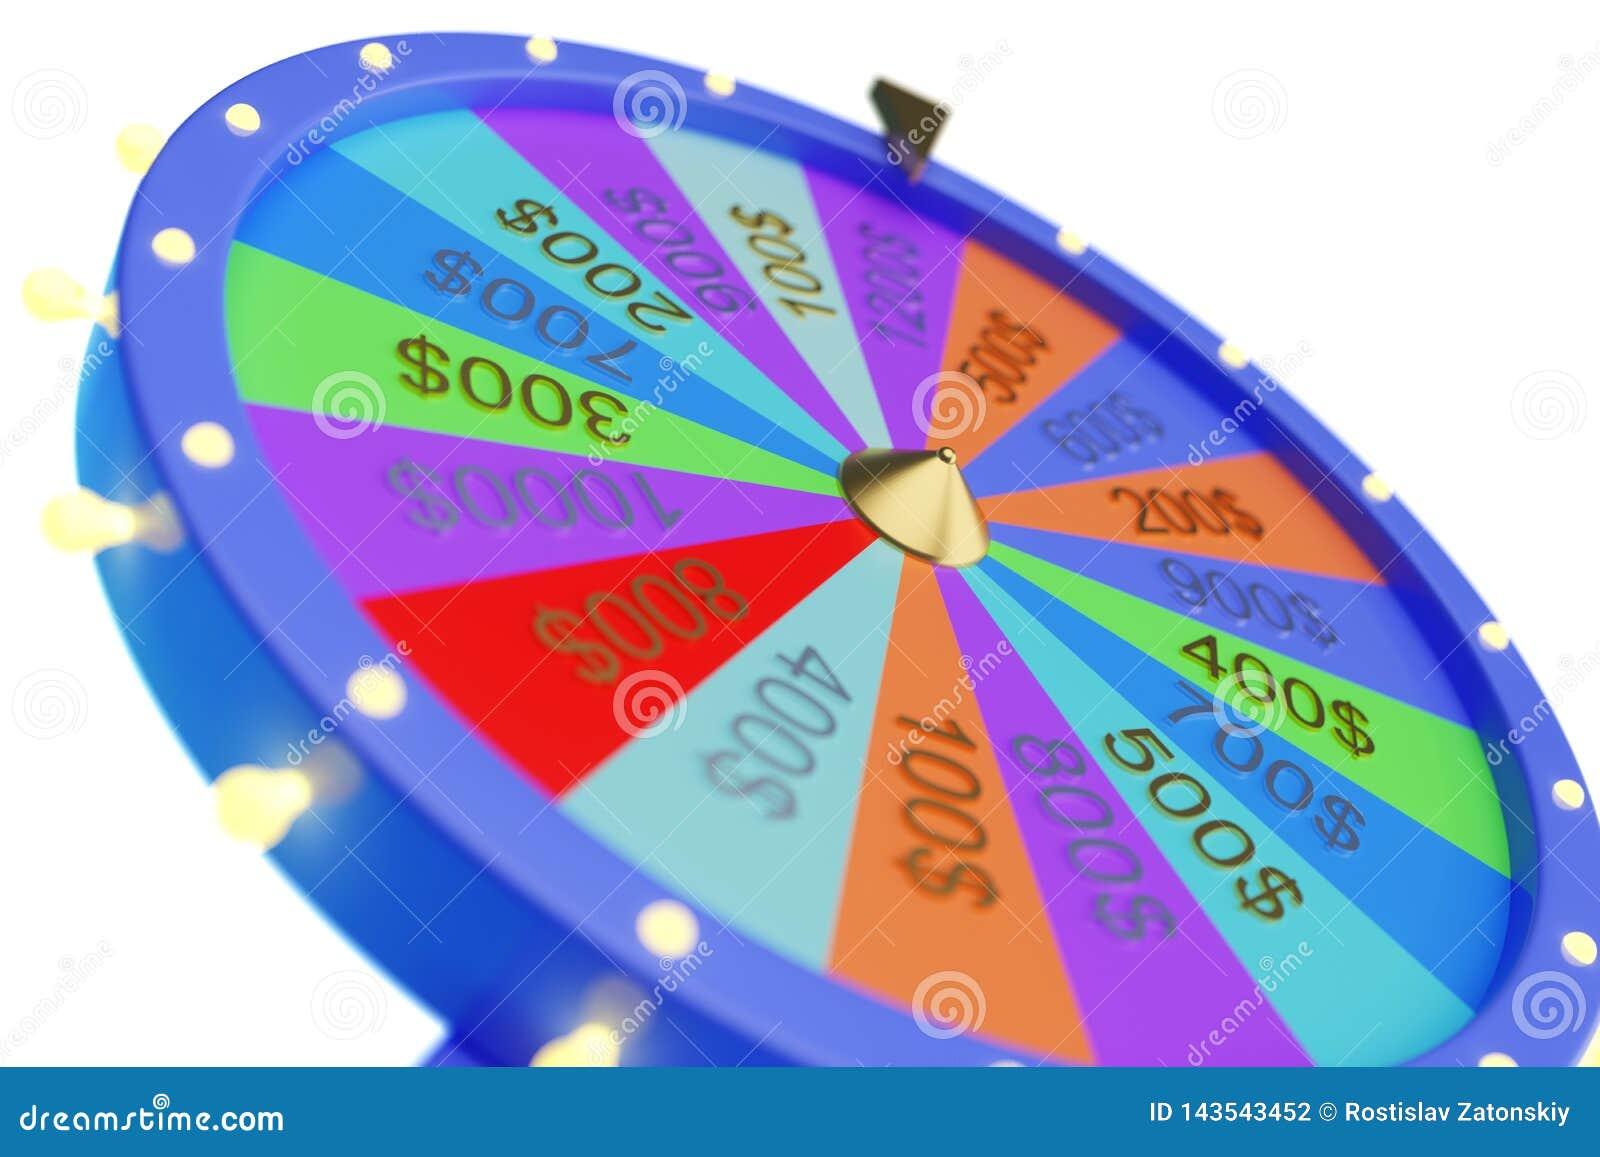 Roda colorida da ilustra??o 3d da sorte ou da fortuna Rodas de gerencio da fortuna da roleta, roda do casino Fortuna da roda sobr